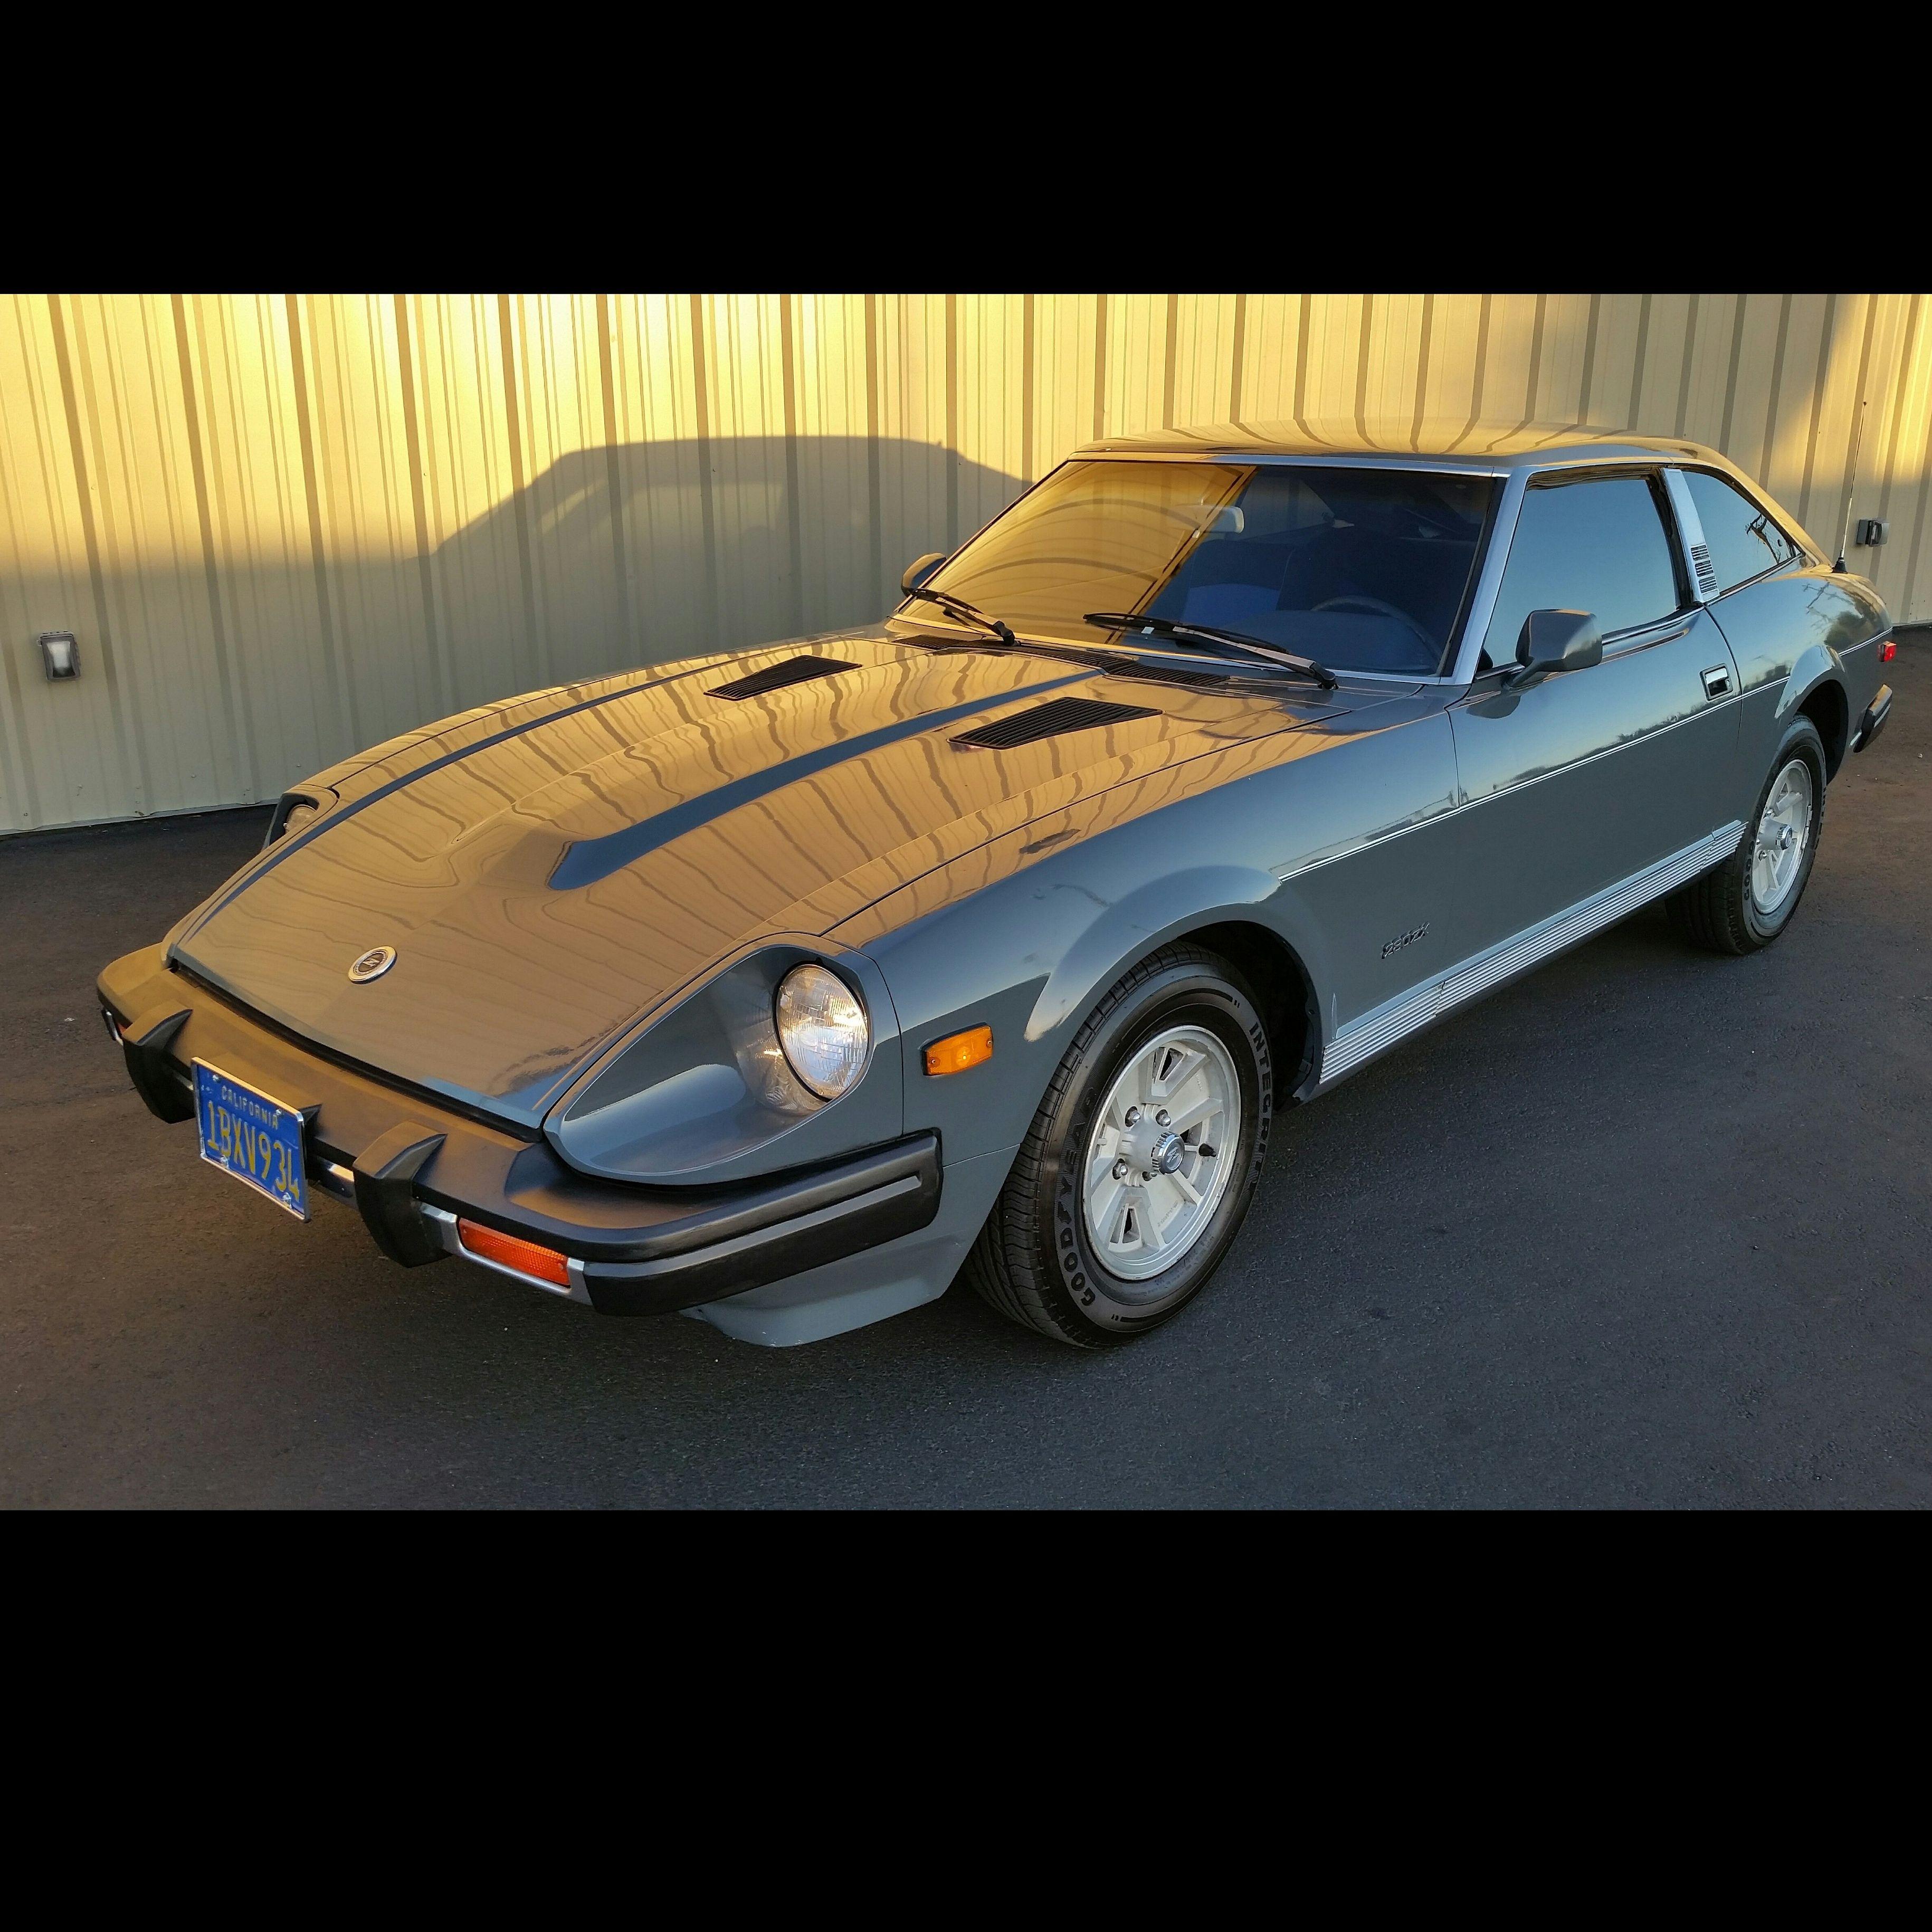 1981 Datsun 280zx Datsun by Nissan Z Car zx 1981 80\'s car retro ...